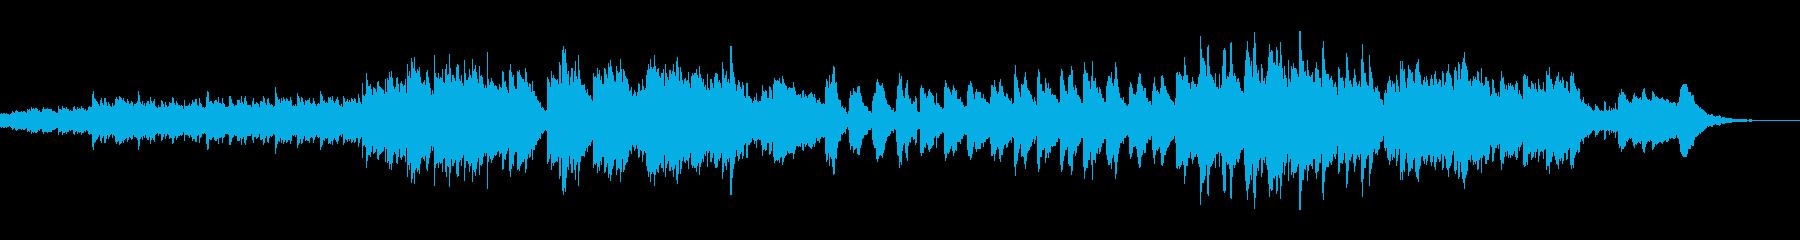 ティーン クラシック交響曲 ファン...の再生済みの波形